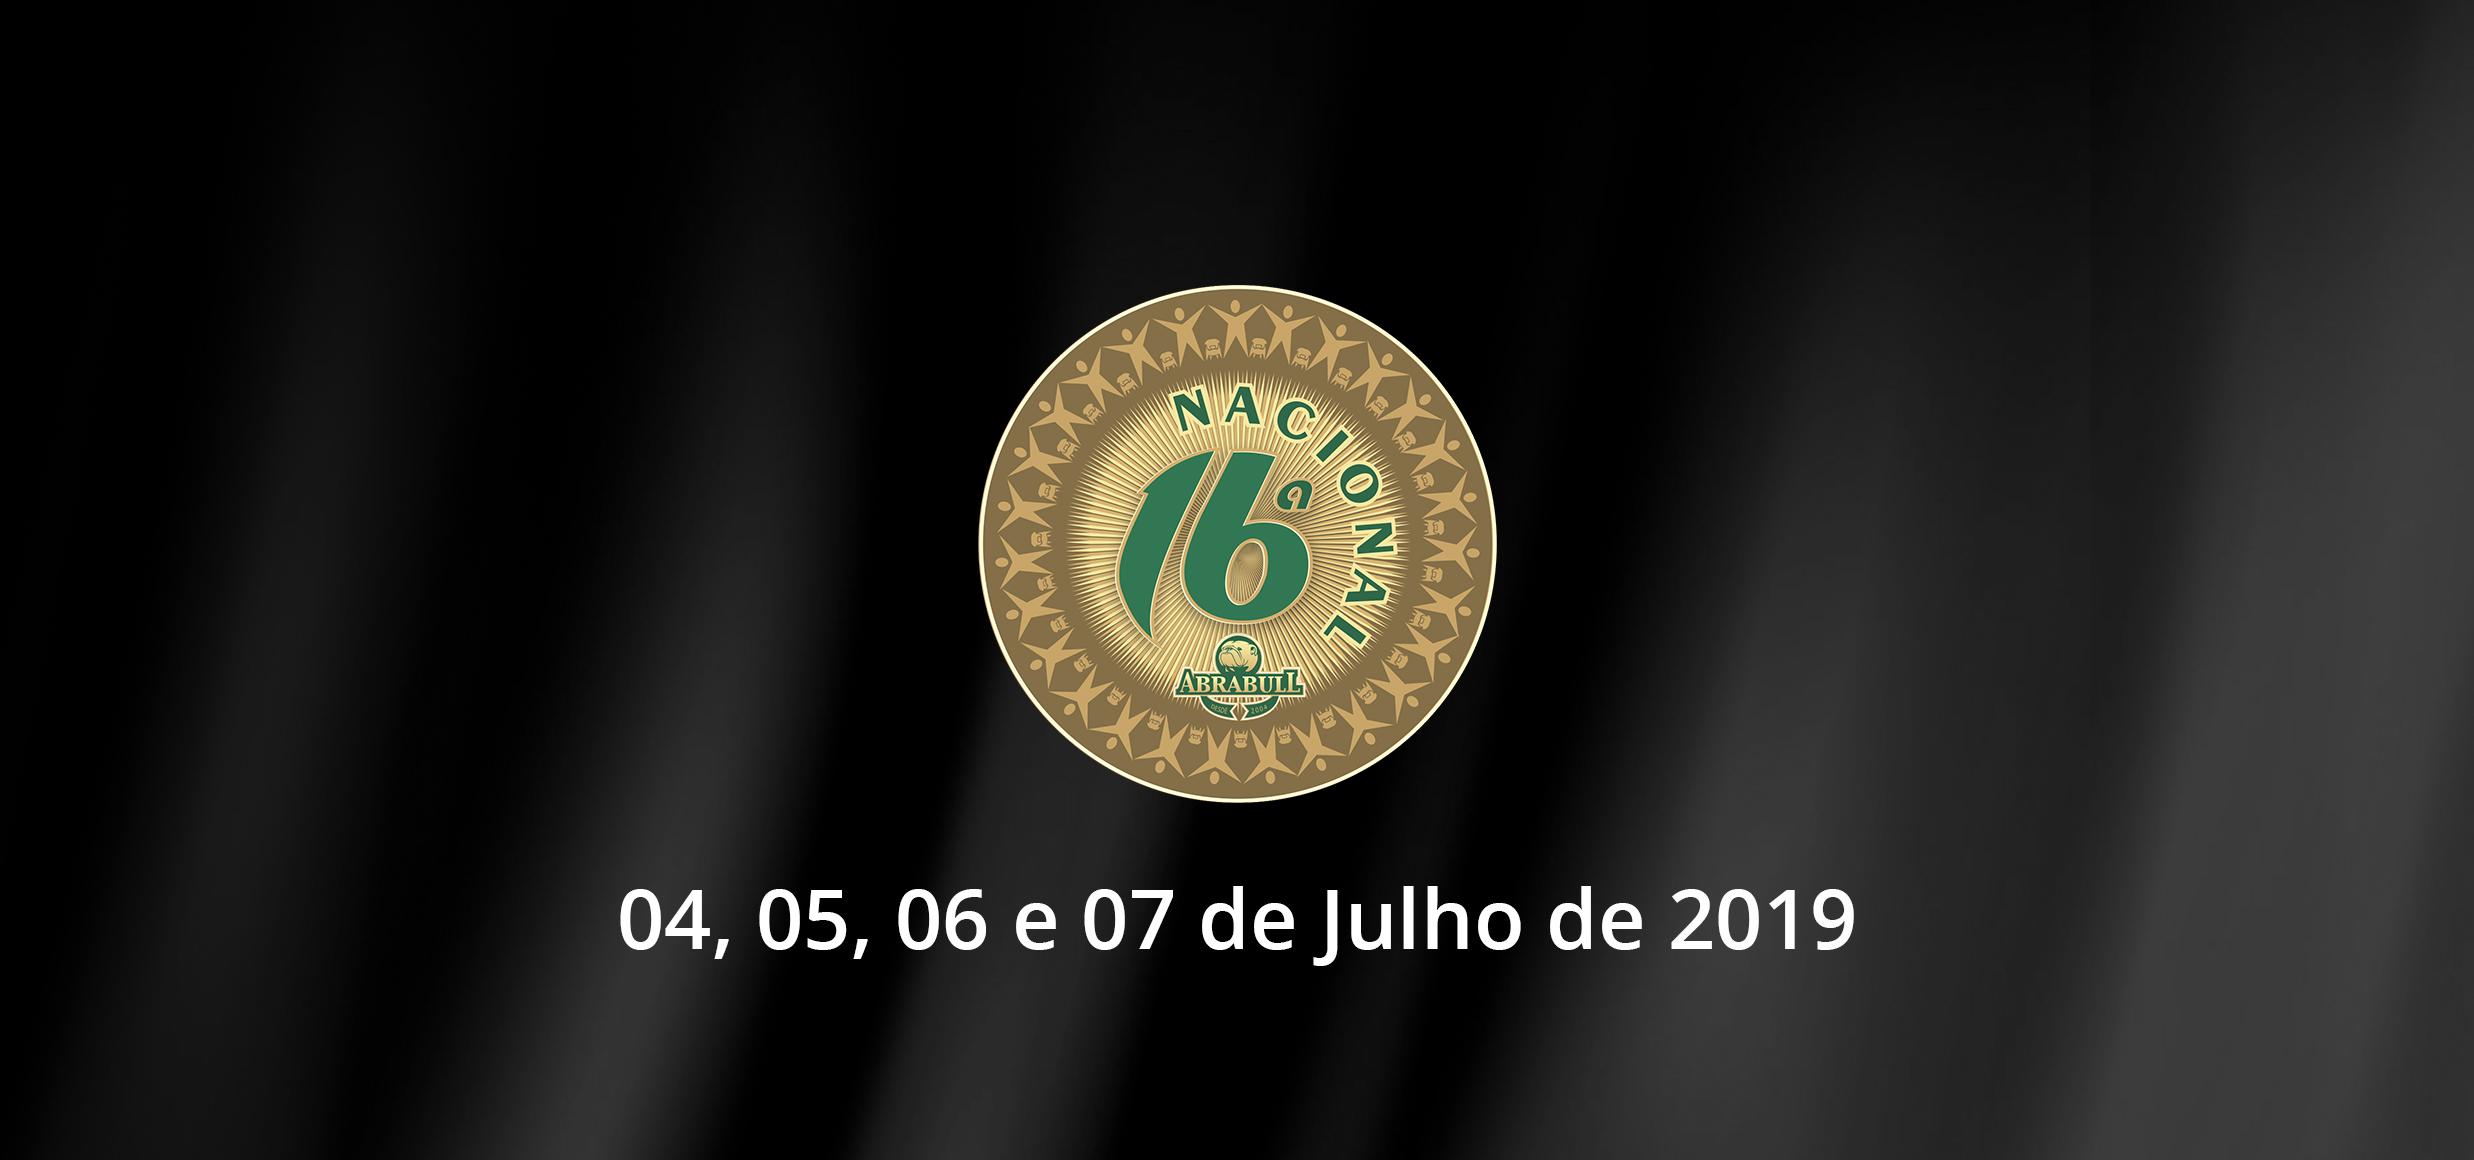 16ª Nacional Abrabull